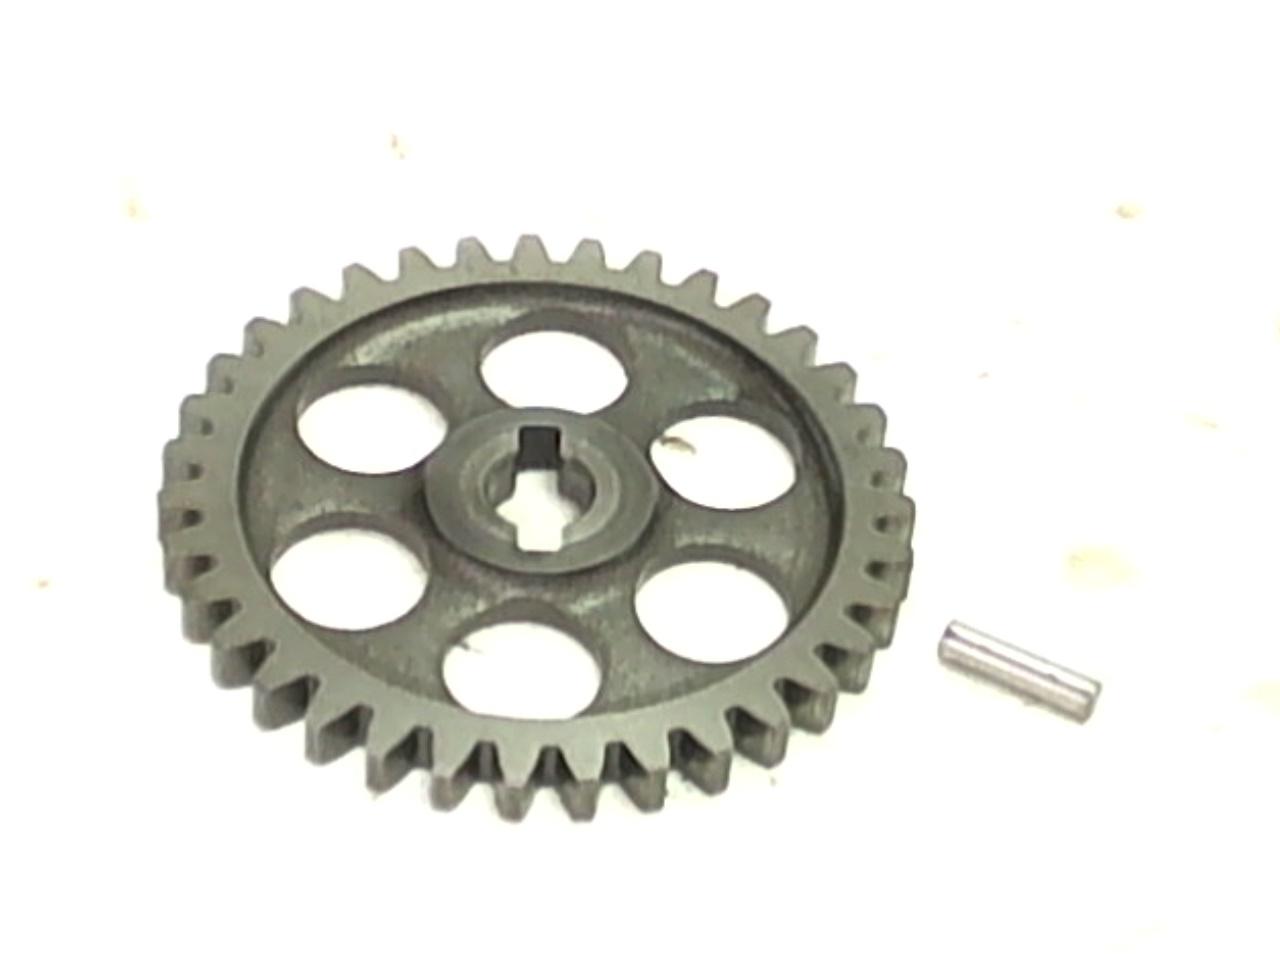 Suzuki Engine Motor Oil Pump Gear Sprocket 86 88 95 15